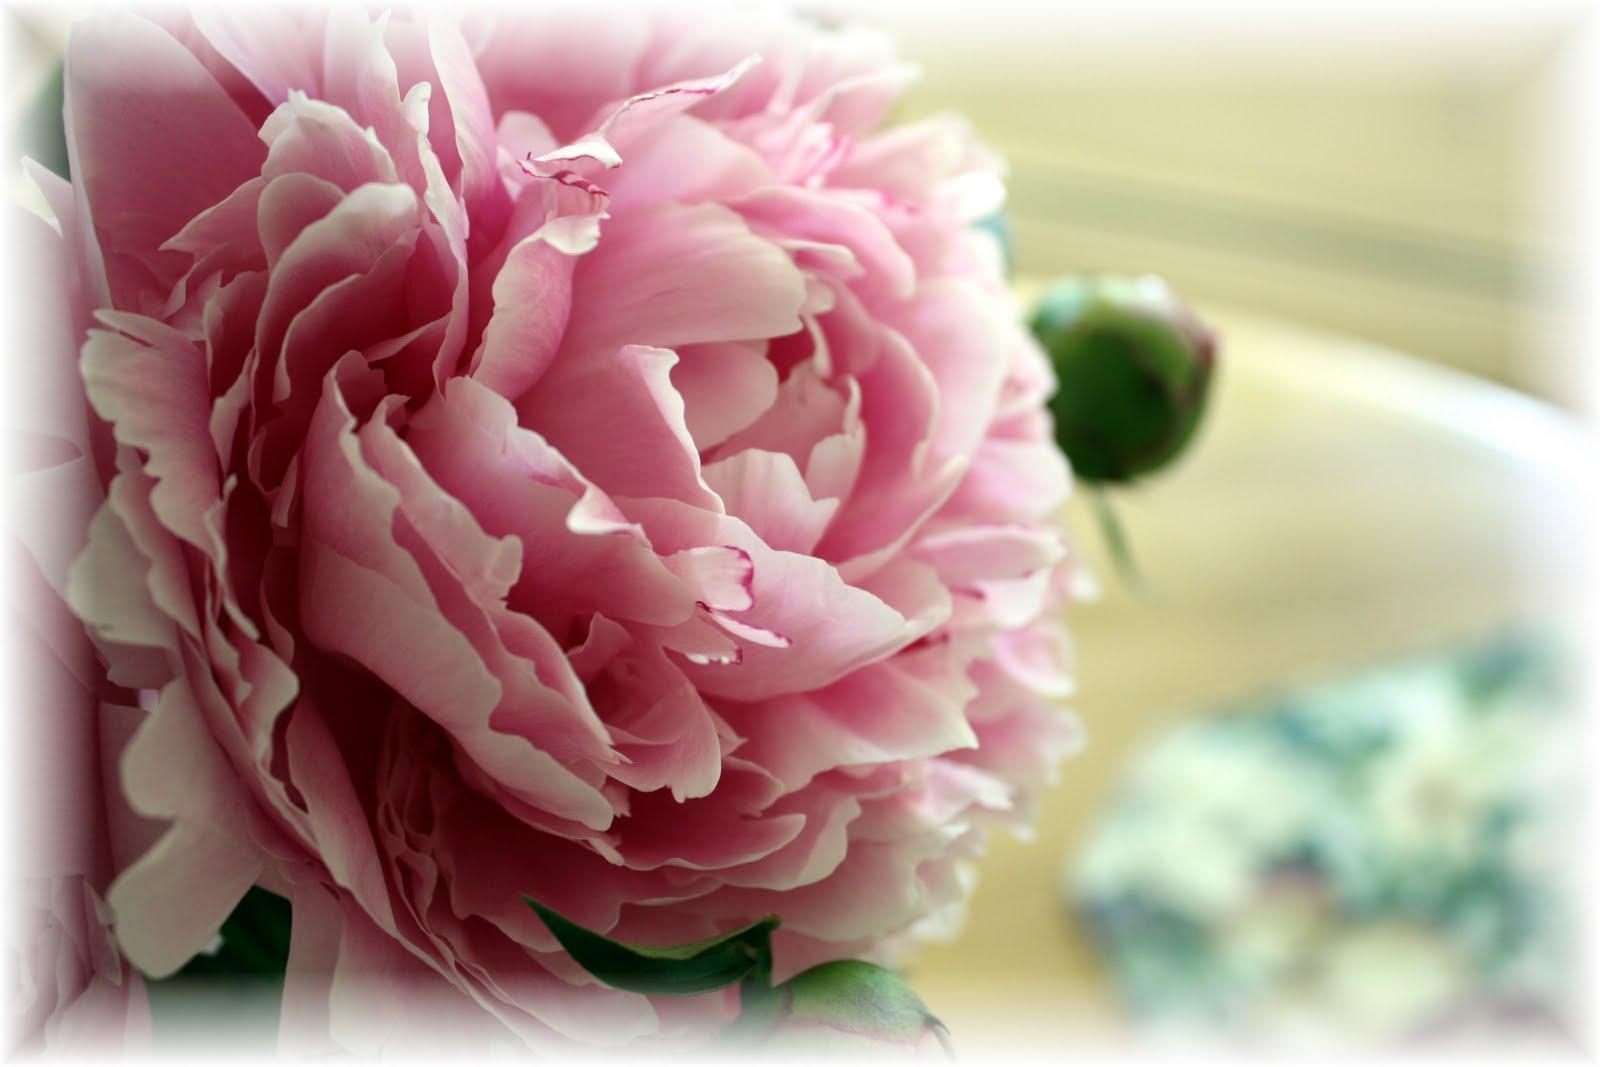 Tissue paper flowers in my garden Journal